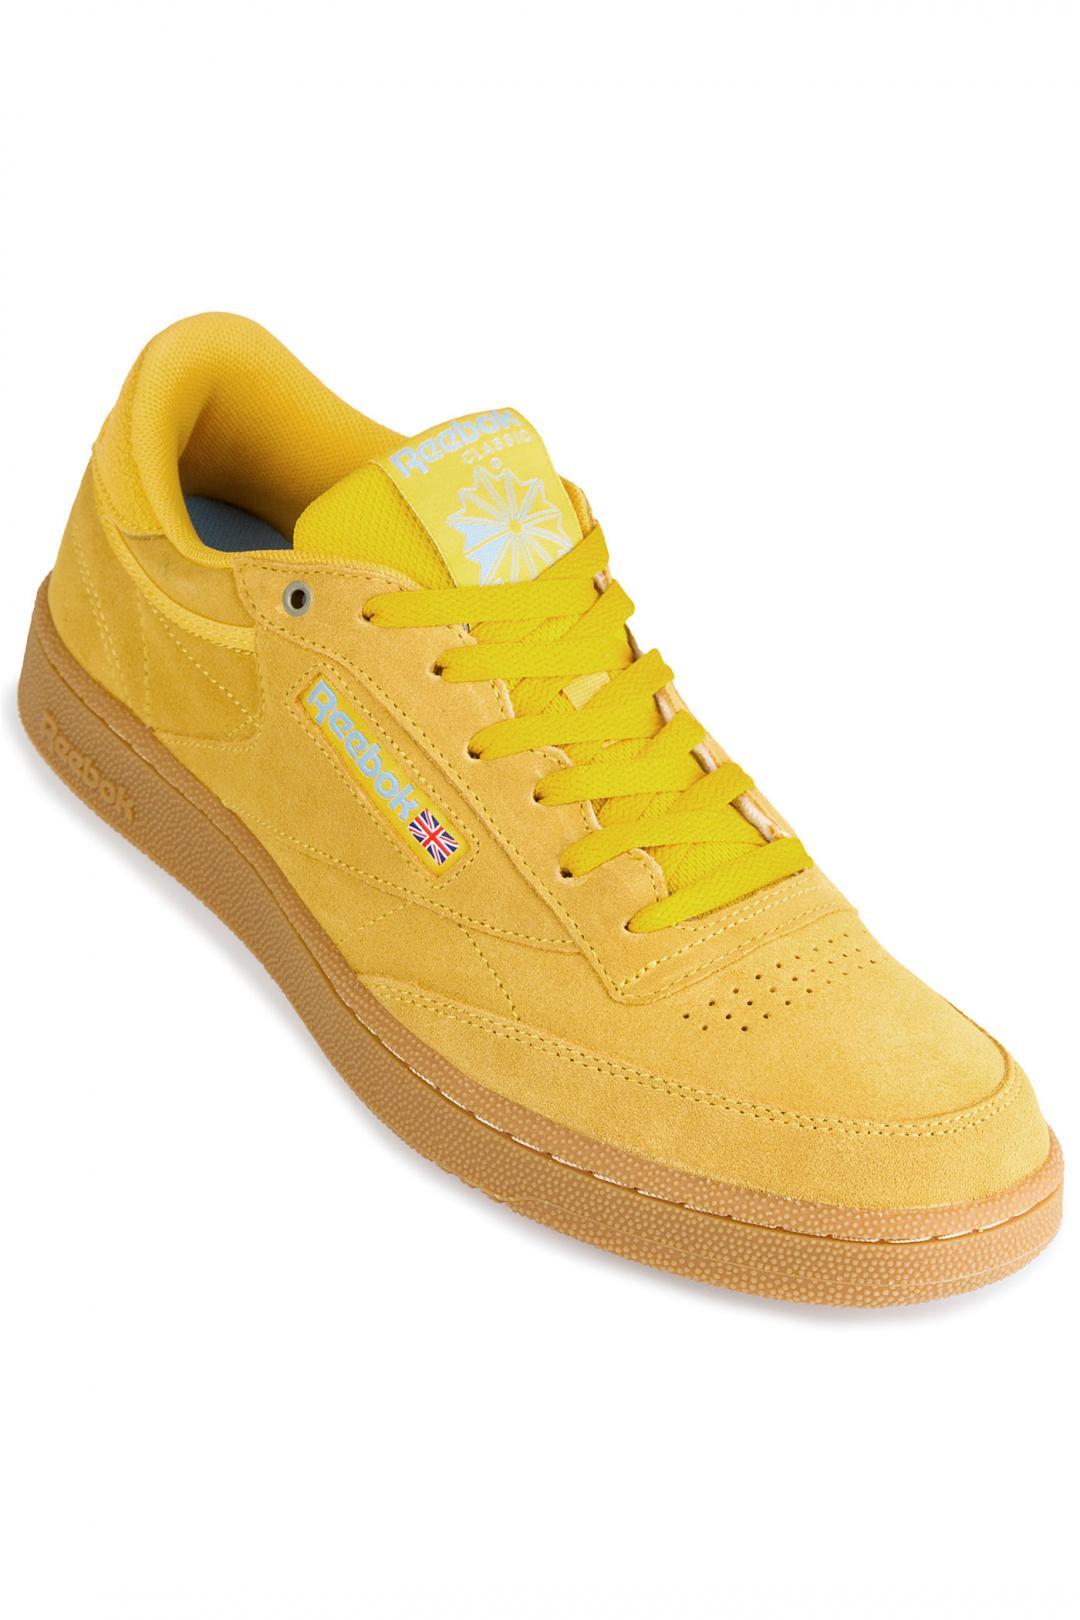 Uomo Reebok Club C 85 MU banana blue gum | Sneaker